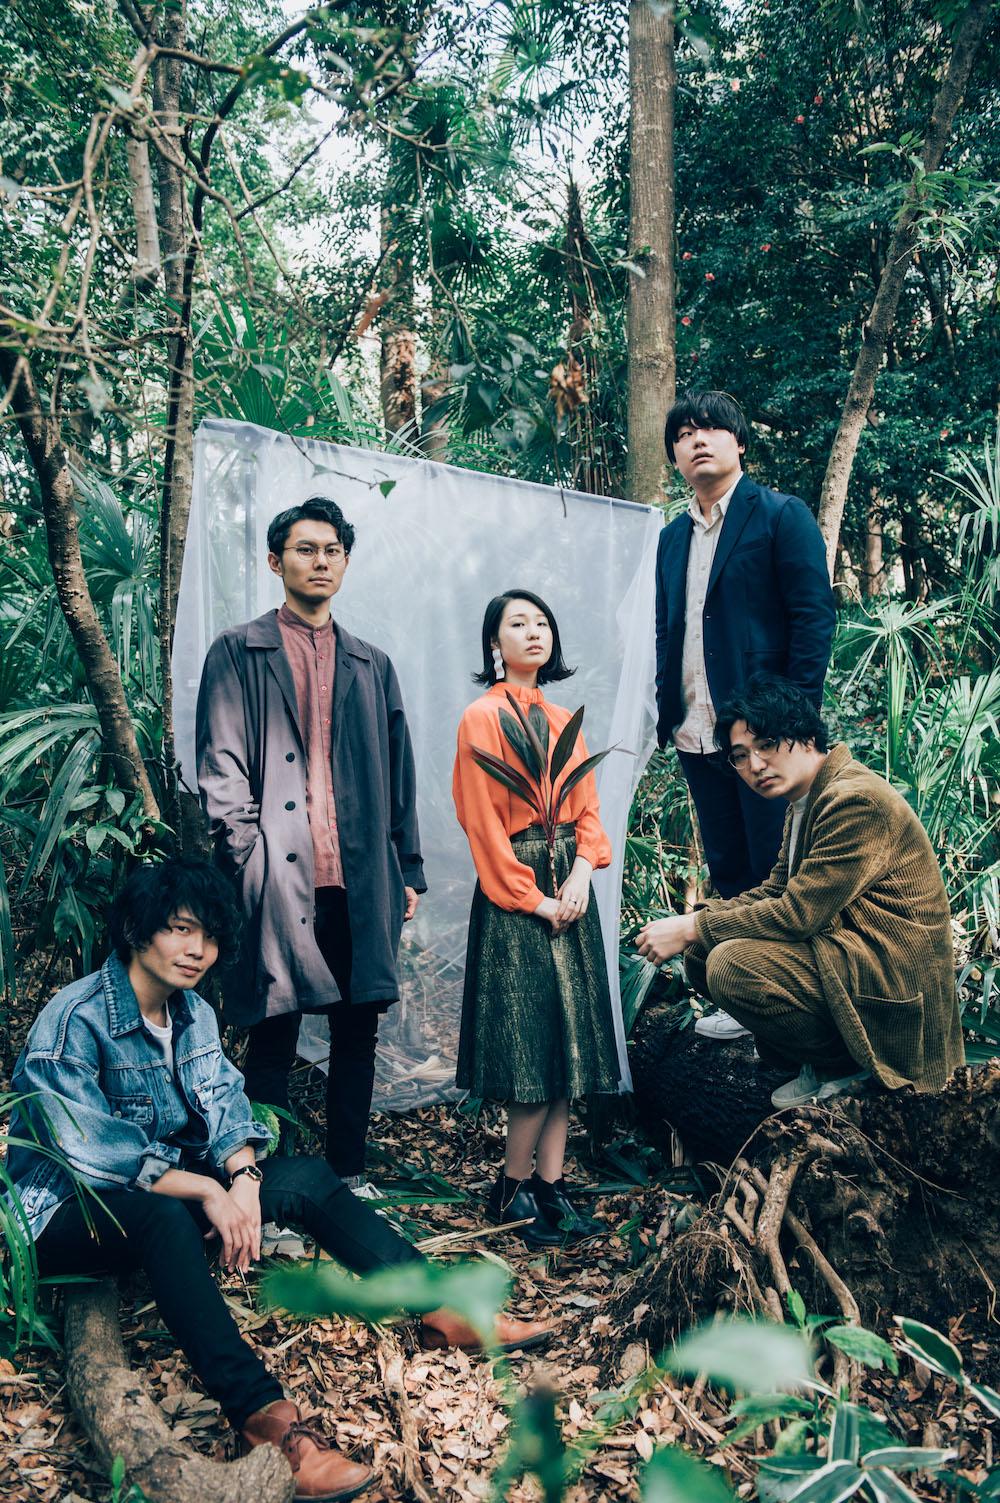 mime 1stアルバム capricious を9月にリリース リリパはtamtamとの2